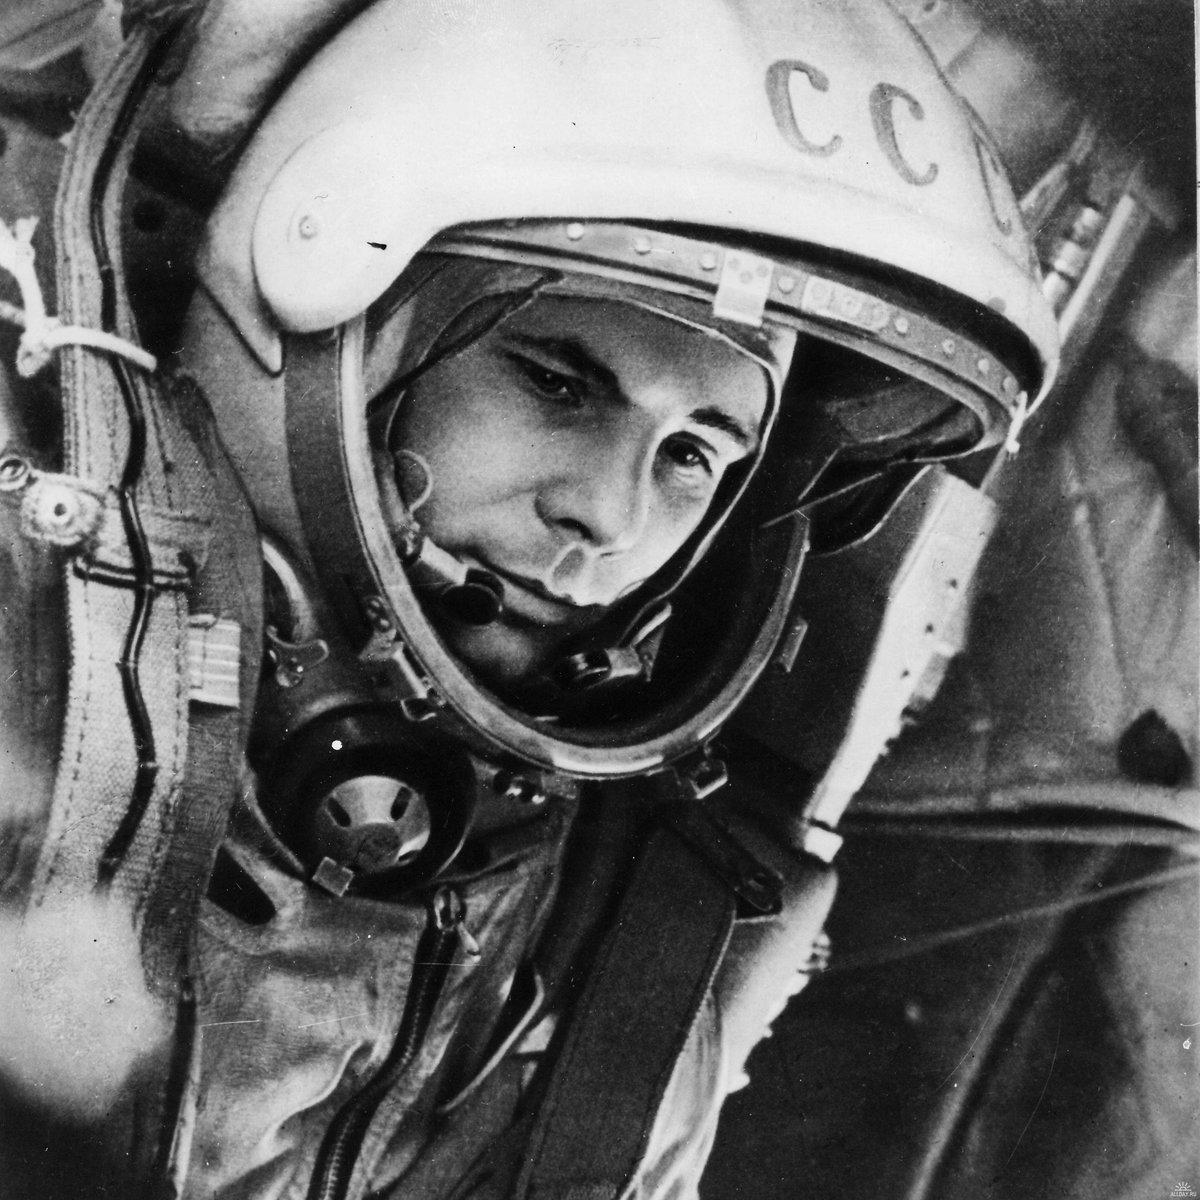 """""""Ich sehe die Erde! Sie ist so wunderschön!"""" Heute vor 55 Jahren startete mit Juri Gagarin der erste Mensch ins All. https://t.co/tHNgtYOPW1"""